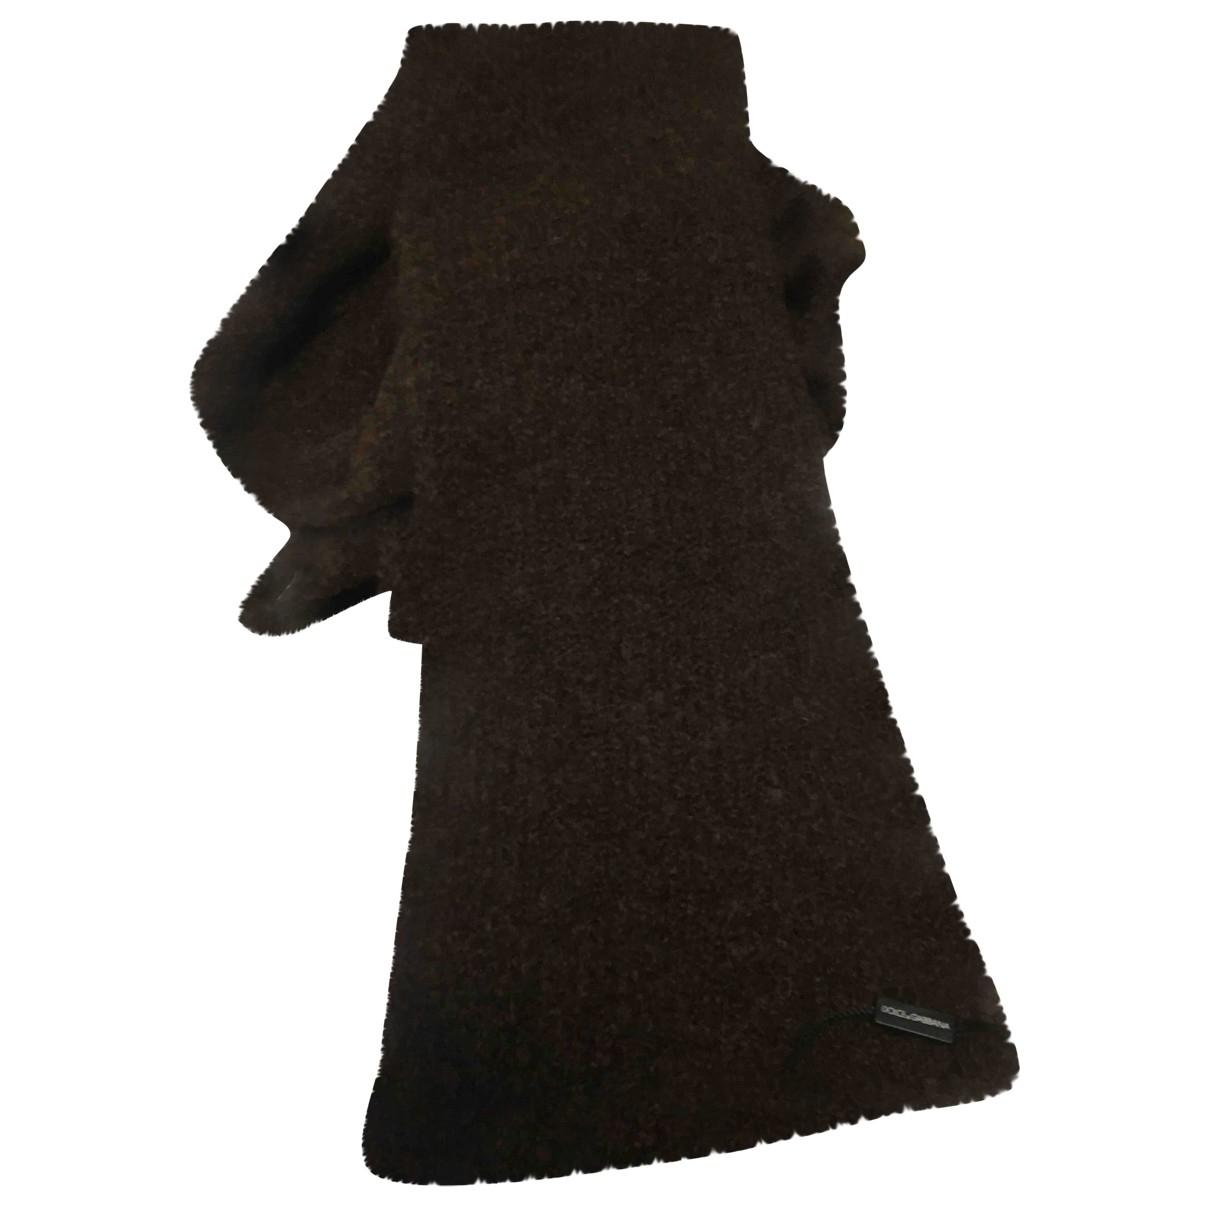 Dolce & Gabbana - Cheches.Echarpes   pour homme en laine - marron